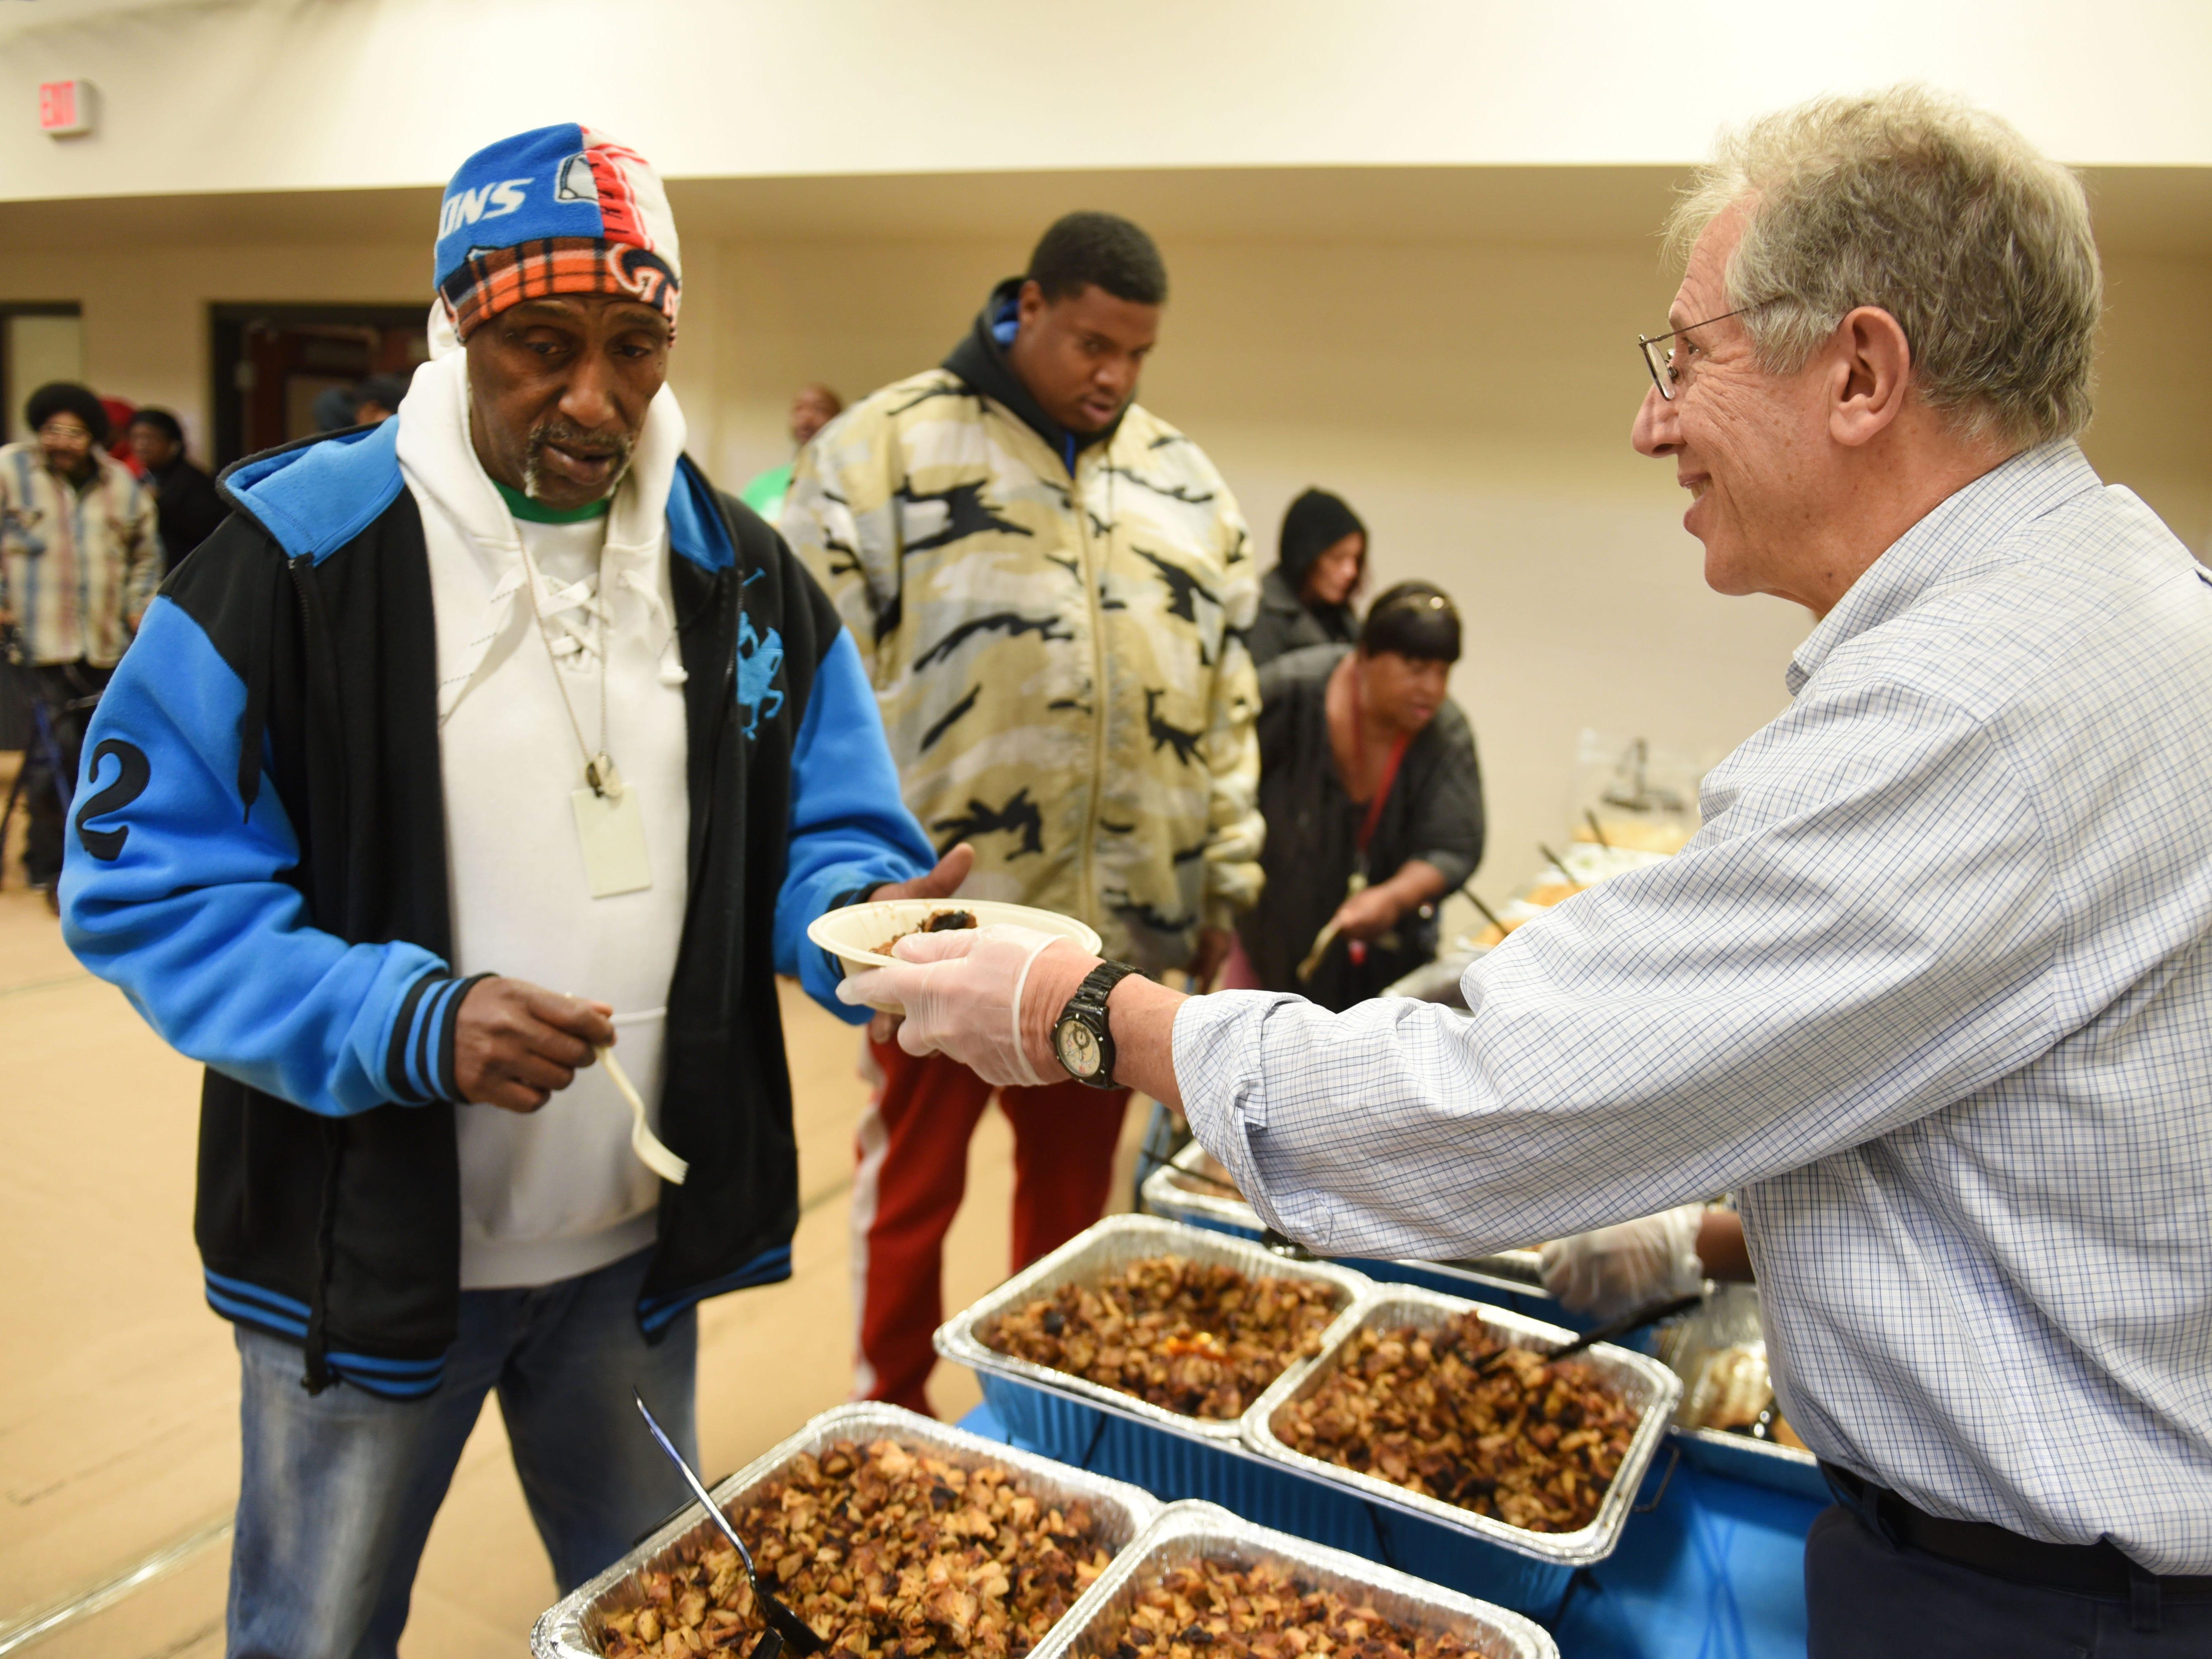 Dr. Richard Lichtenstein, chairman, Neighborhood Services Organization, serves client Clifford Lamar.